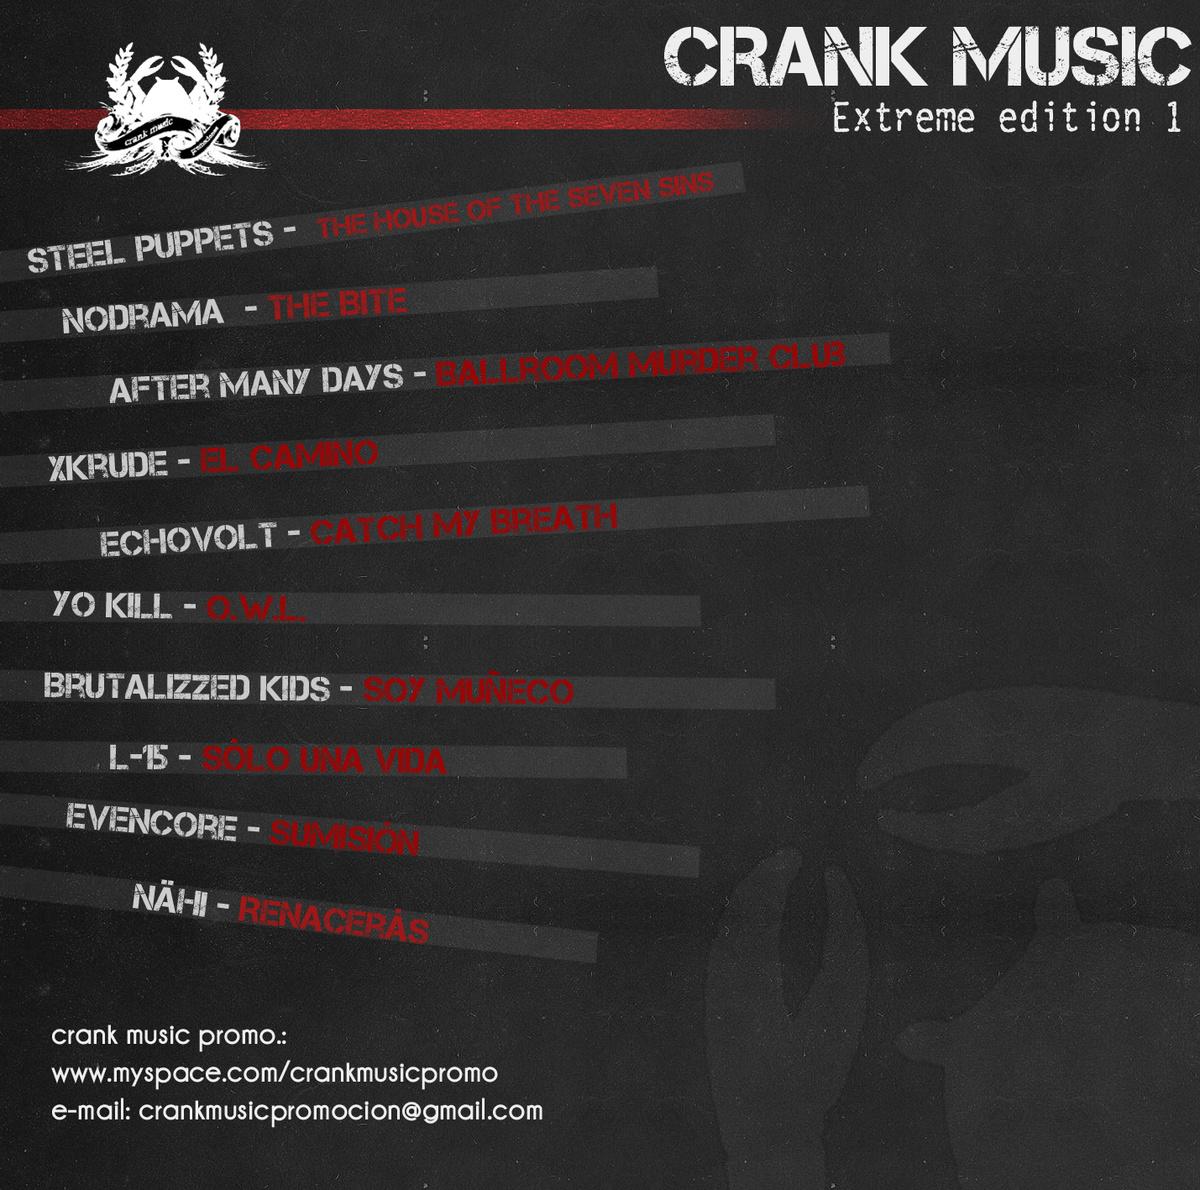 6 - 2010 -Recopilatorio CRANK MUSIC